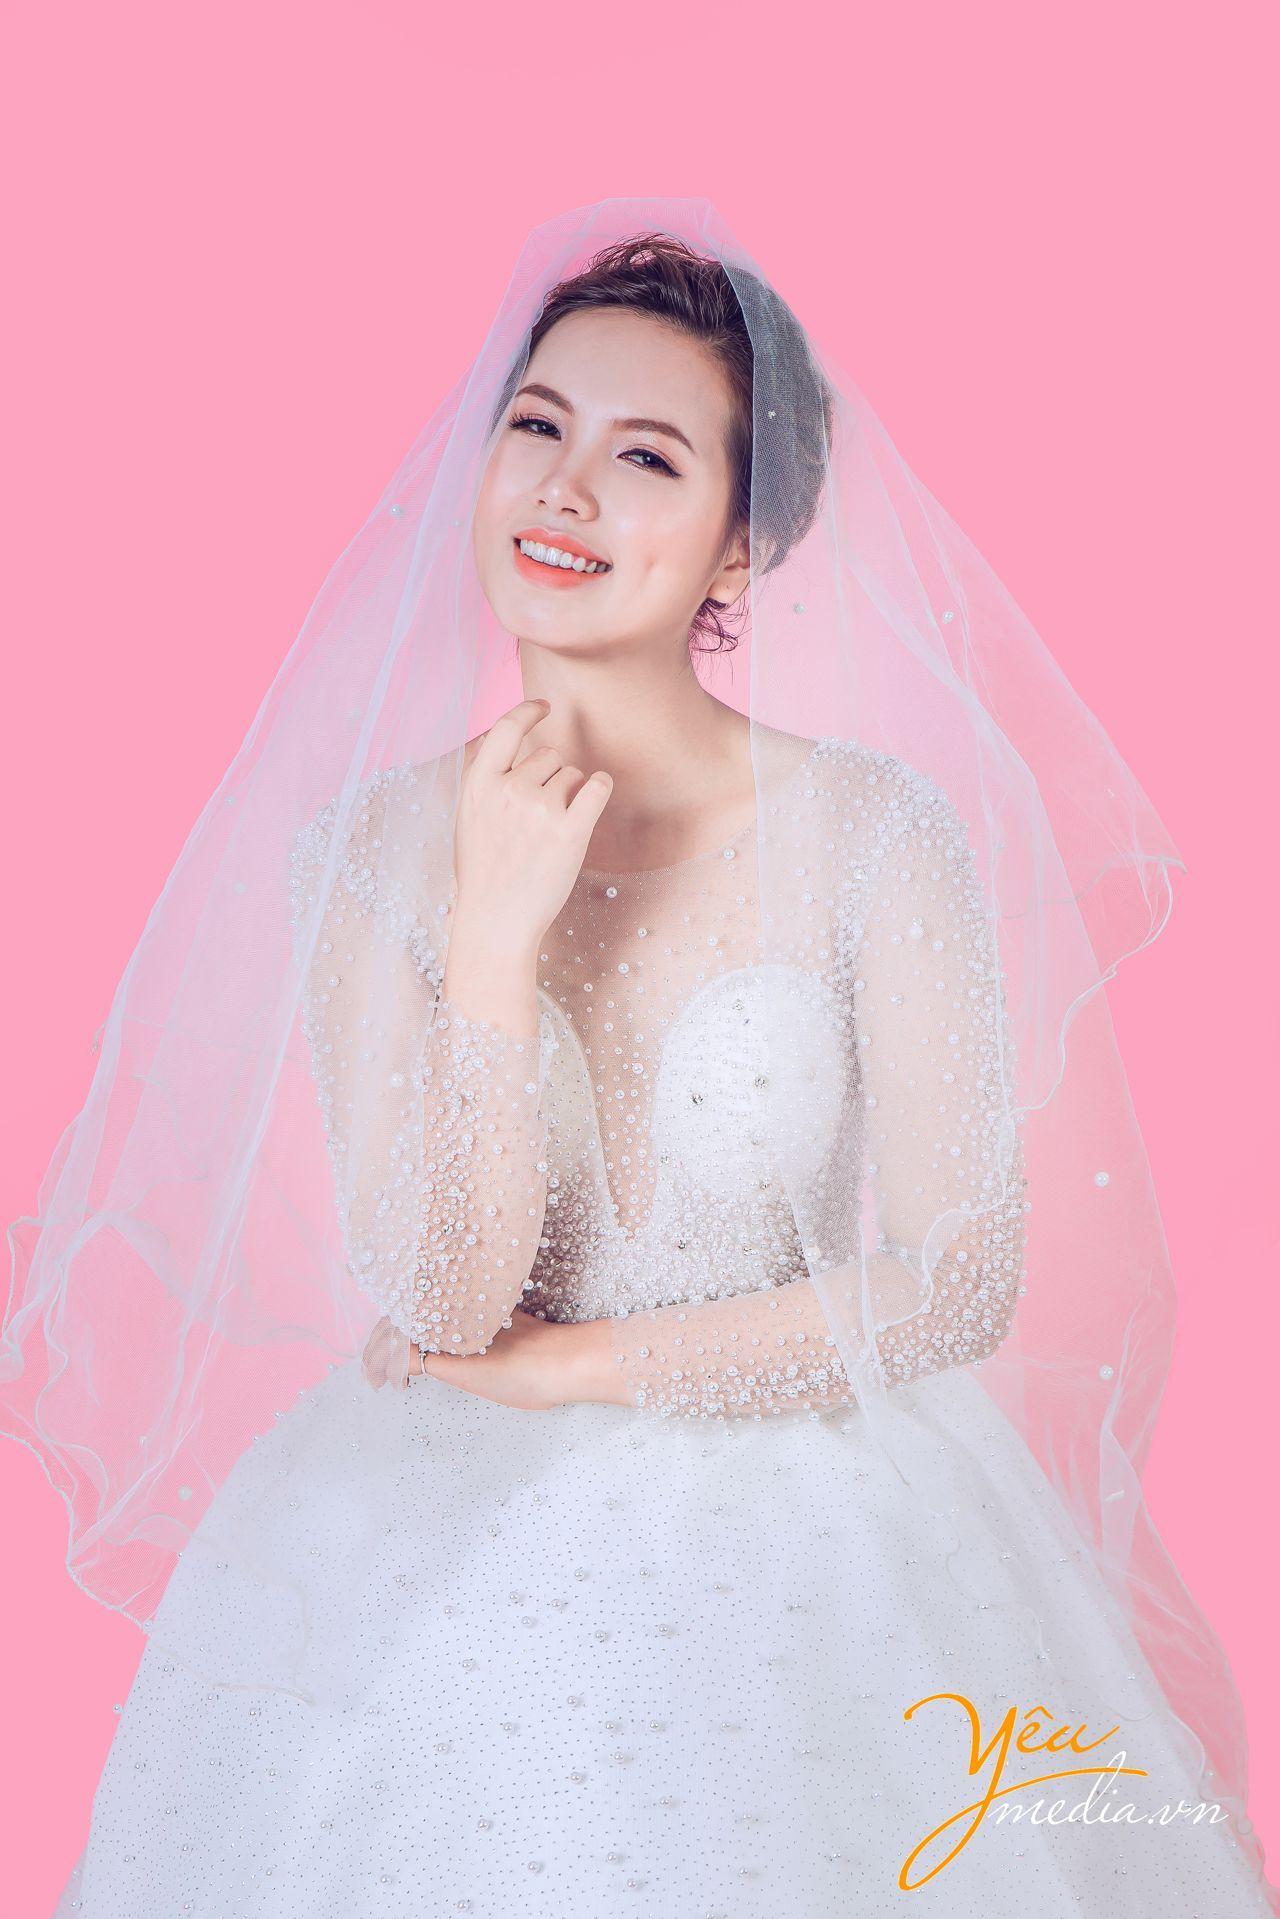 Chụp ảnh cô dâu đơn tại https://yeumedia.vn/ - Hotline